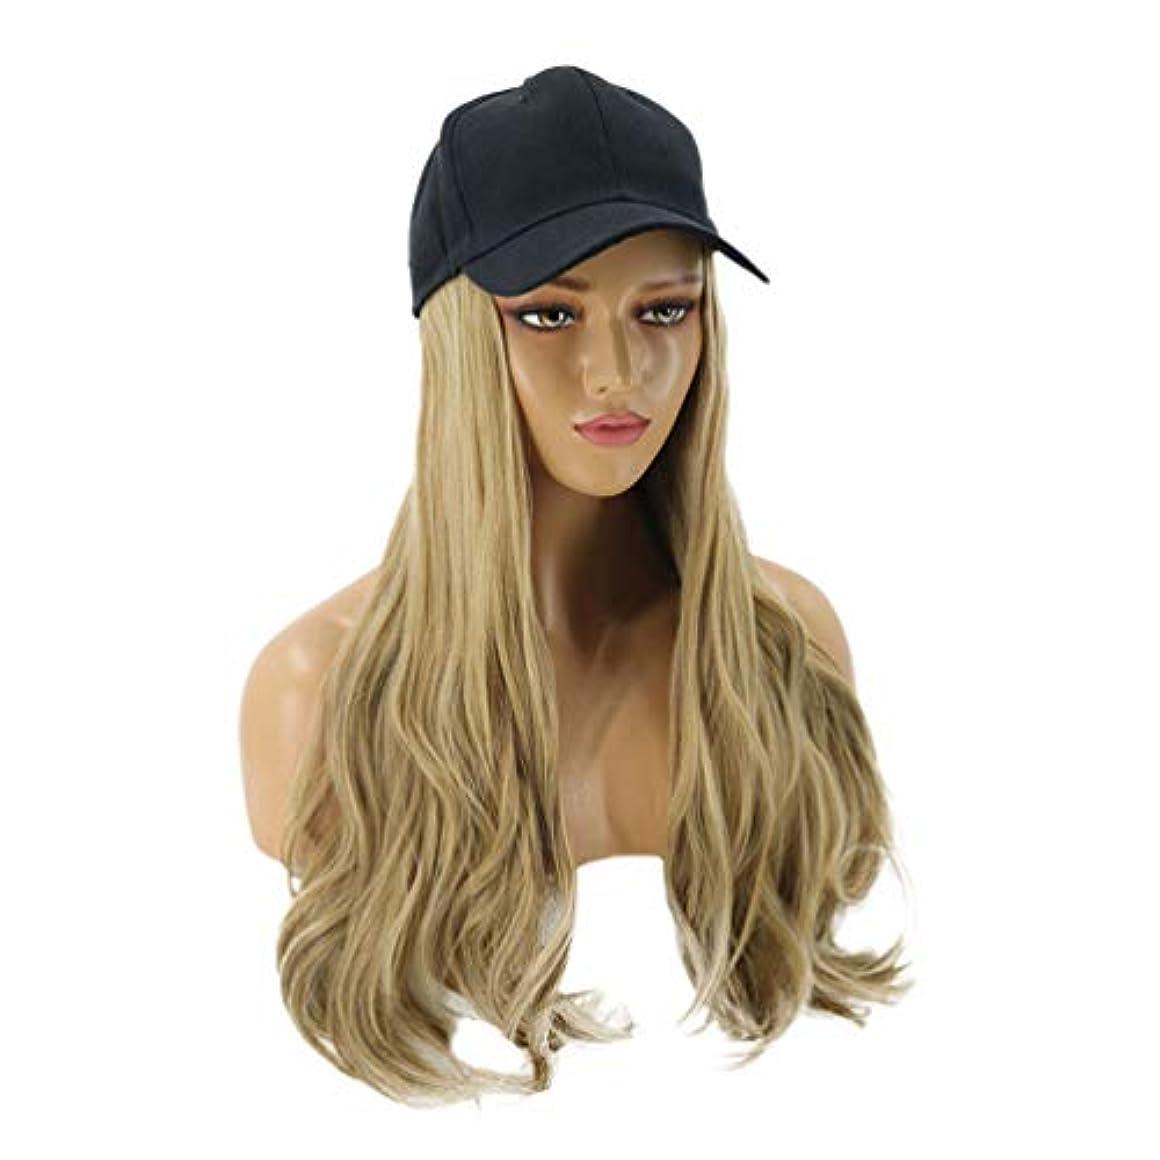 けがをする見物人アドバンテージMinkissy 女性の髪のかつらキャップワンピース長い巻き毛のかつら帽子ファッションキャップ付きのエレガントなヘアピース